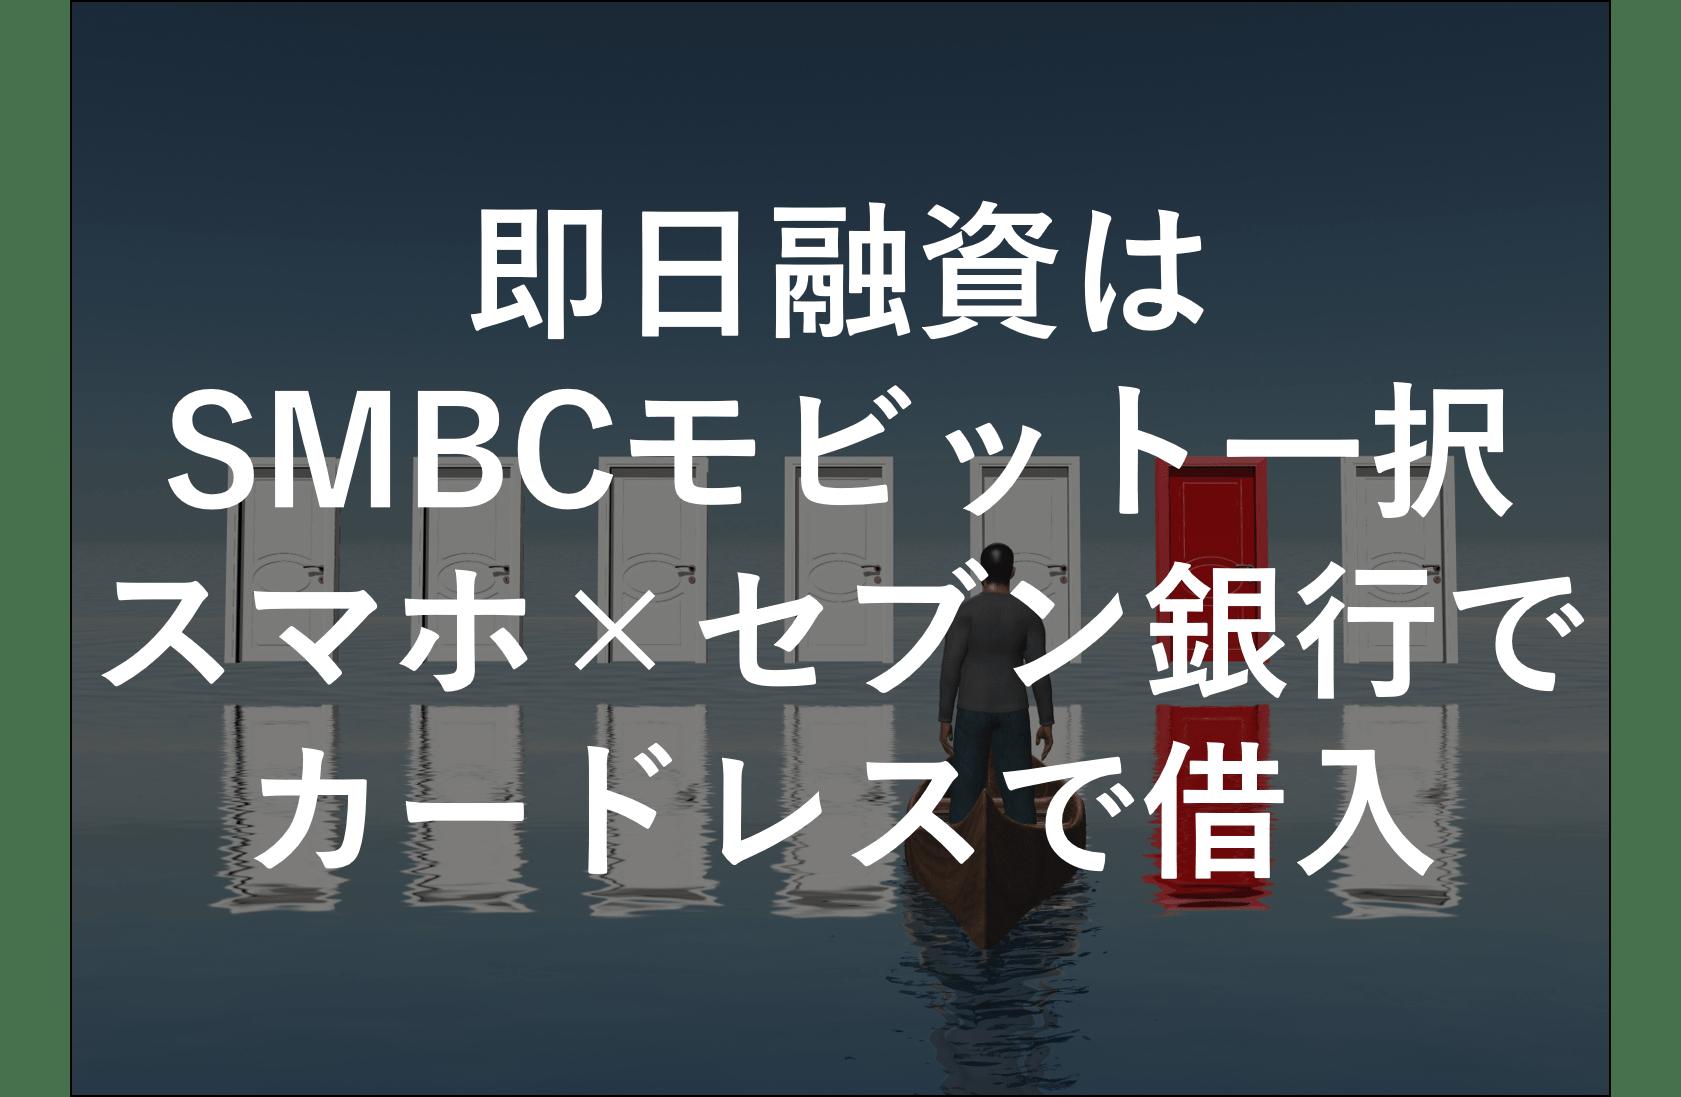 SMBCモビット カードレス